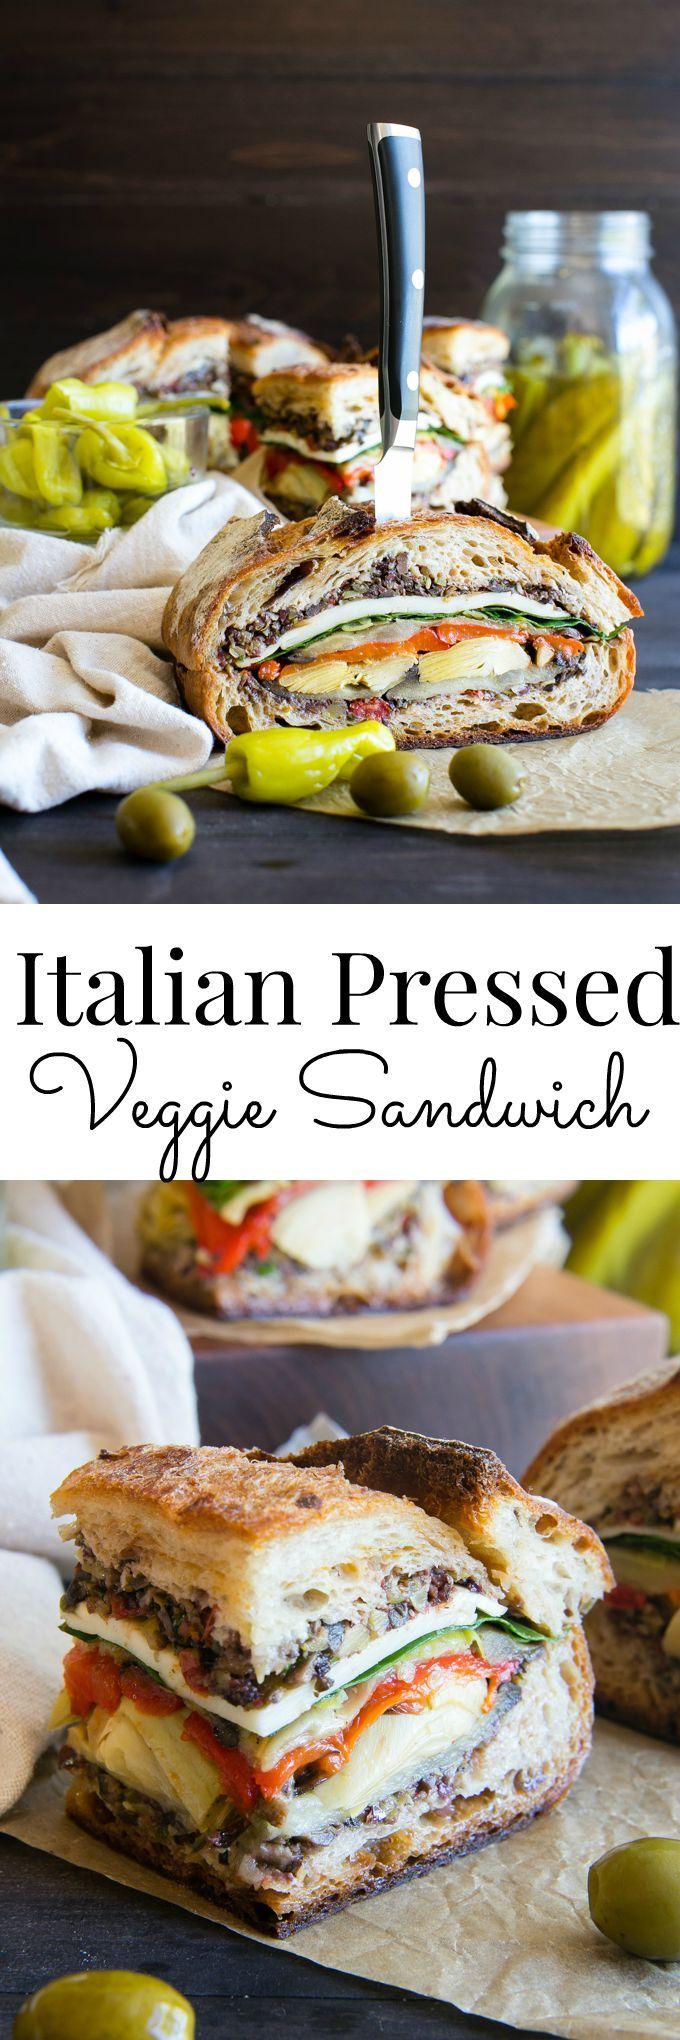 Vegetariano o vegano, este sándwich es fácil de hacer, se alimenta una pequeña multitud y los paquetes para almuerzos, comidas campestres o chupar rueda con facilidad |  Presionado Sandwich italiana |  Vainilla y haba